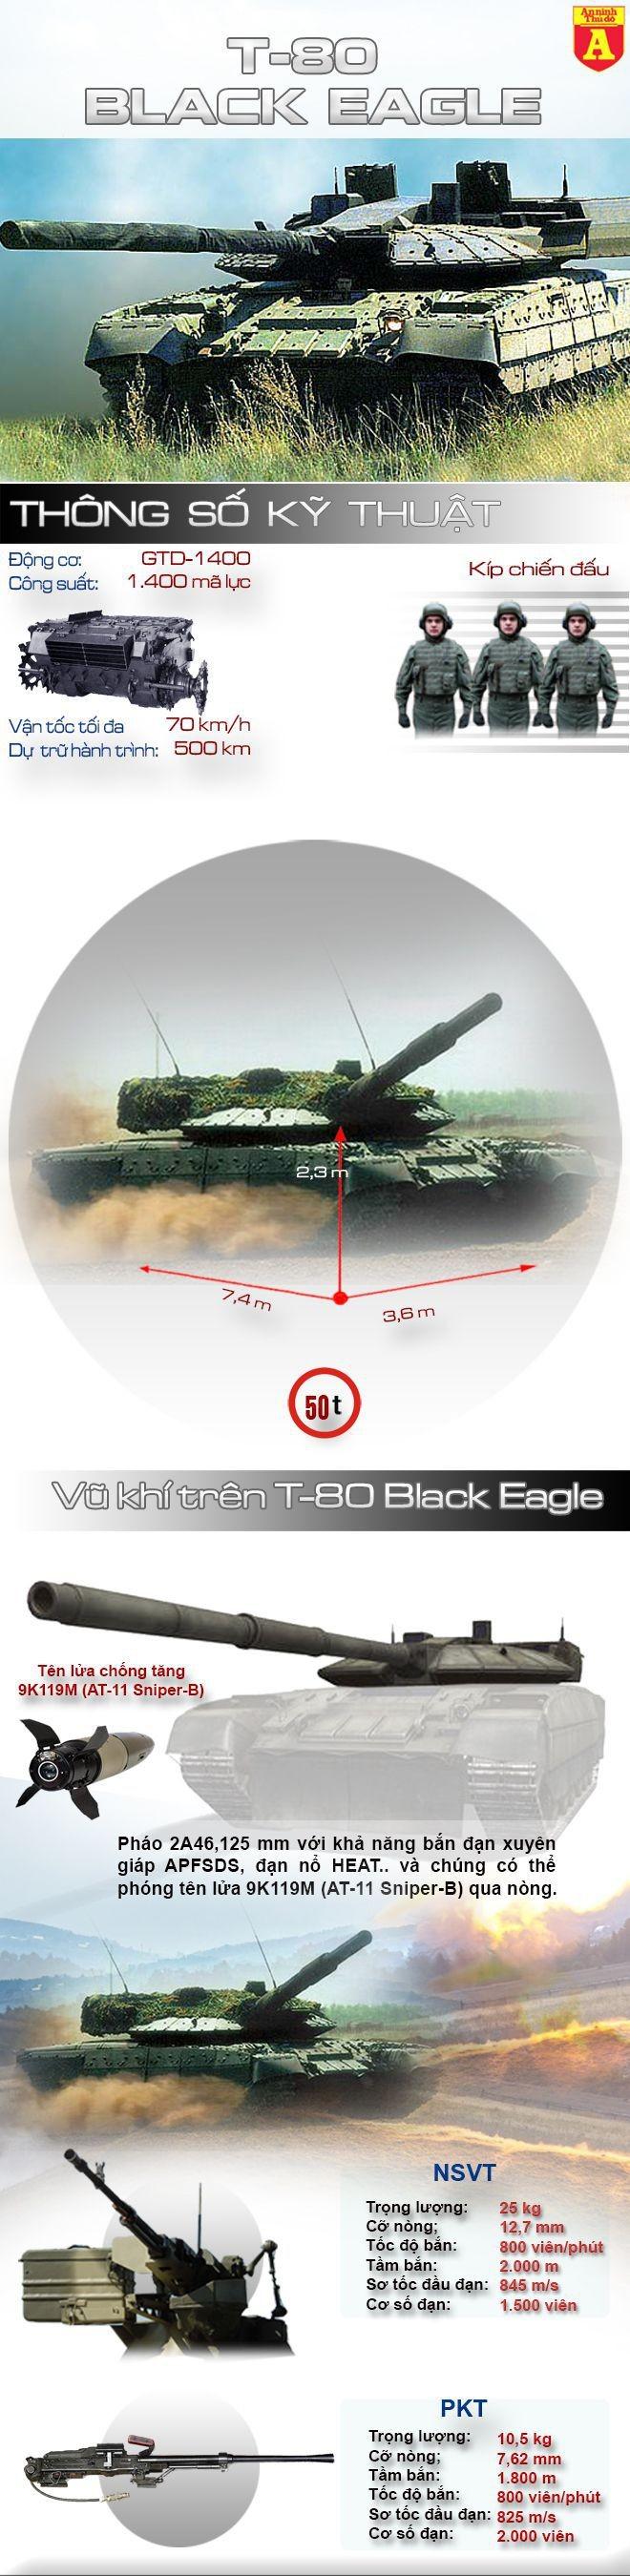 [Infographic] T-80UM2 Black Eagle – Siêu tăng chết yểu của Nga